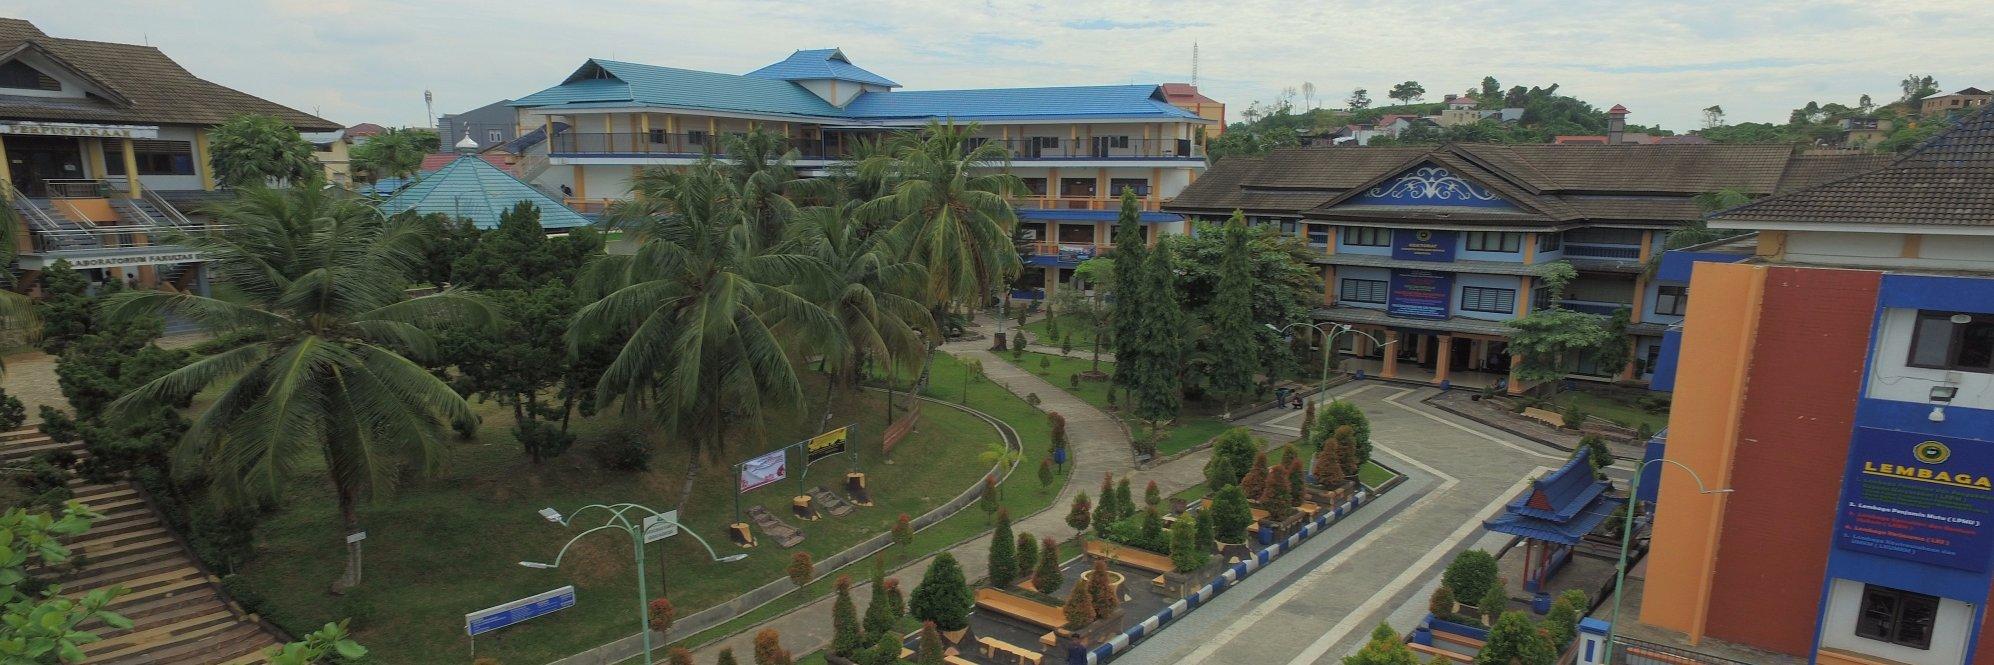 Universitas Widya Gama Mahakam Samarinda's official Twitter account